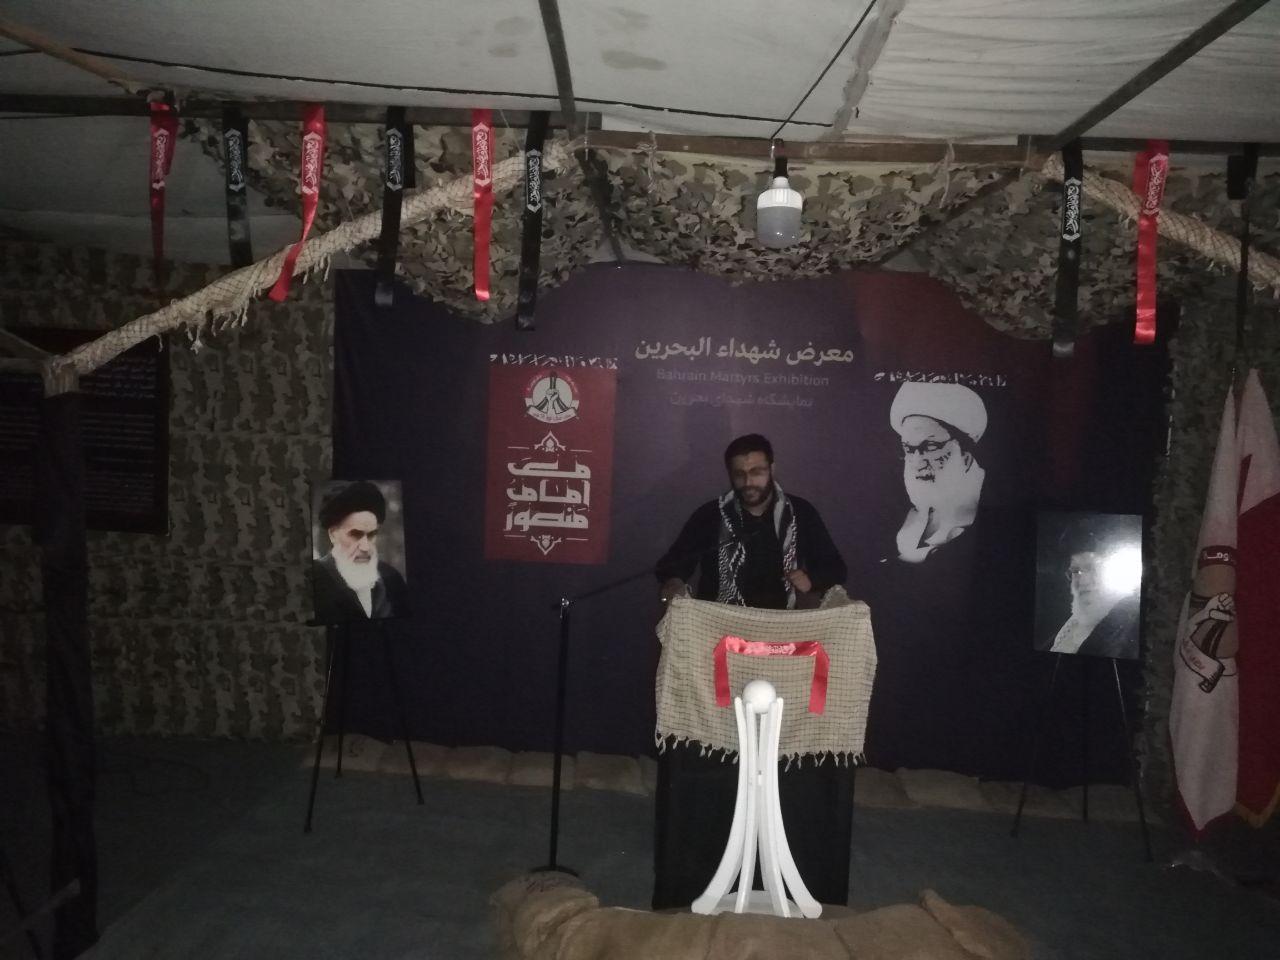 تزايد أعداد زوّار «معرض شهداء البحرين» في يومه الخامس